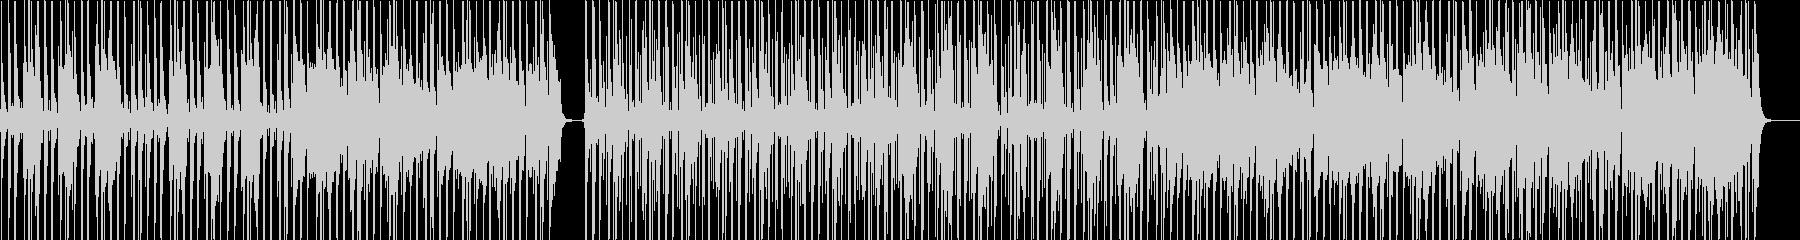 ファンクテイストのオルタナロックの未再生の波形